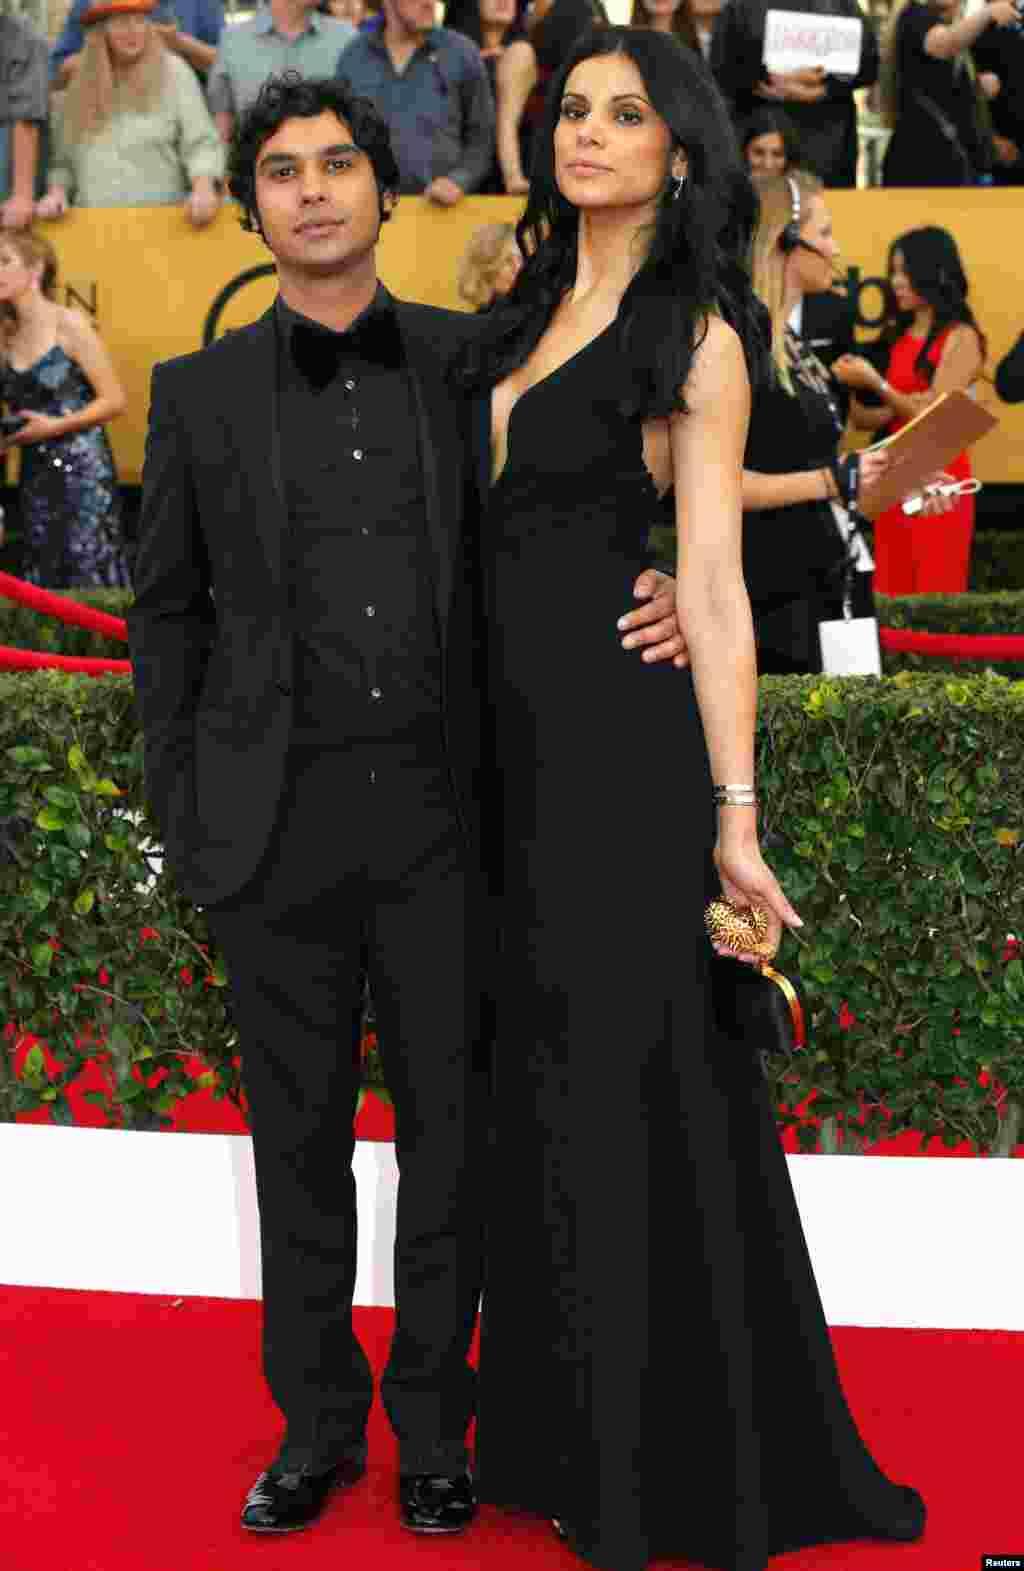 """Actor Kunal Nayyar, da série """"A Teoria do Big Bang"""" com a actriz Neha Kapur na 21ª cerimónia anual do Screen Actors Guild Awards, Los Angeles, Califórnia Jan 25, 2015."""